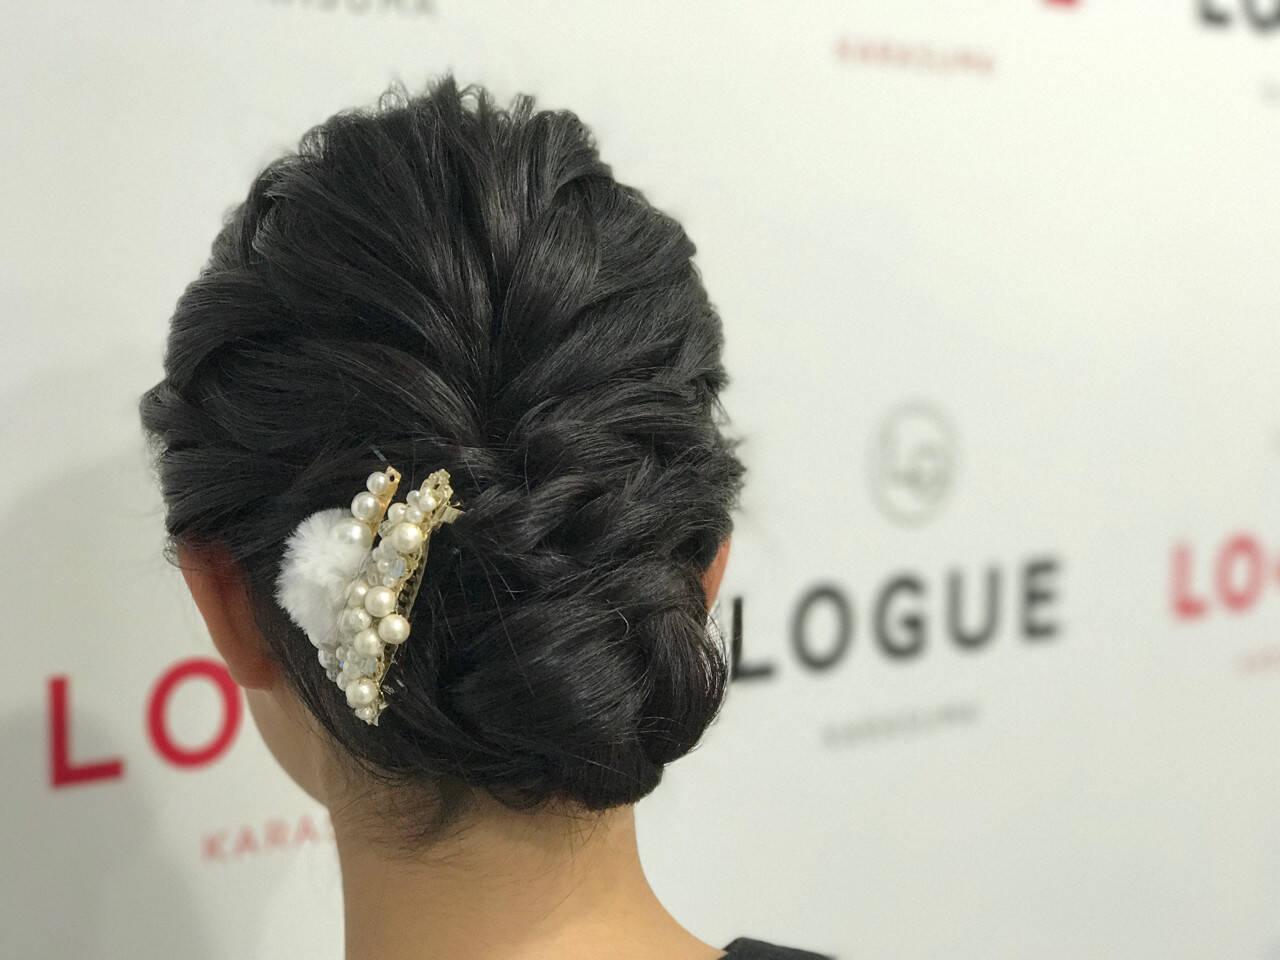 アップスタイル 編み込み セミロング ヘアアレンジヘアスタイルや髪型の写真・画像